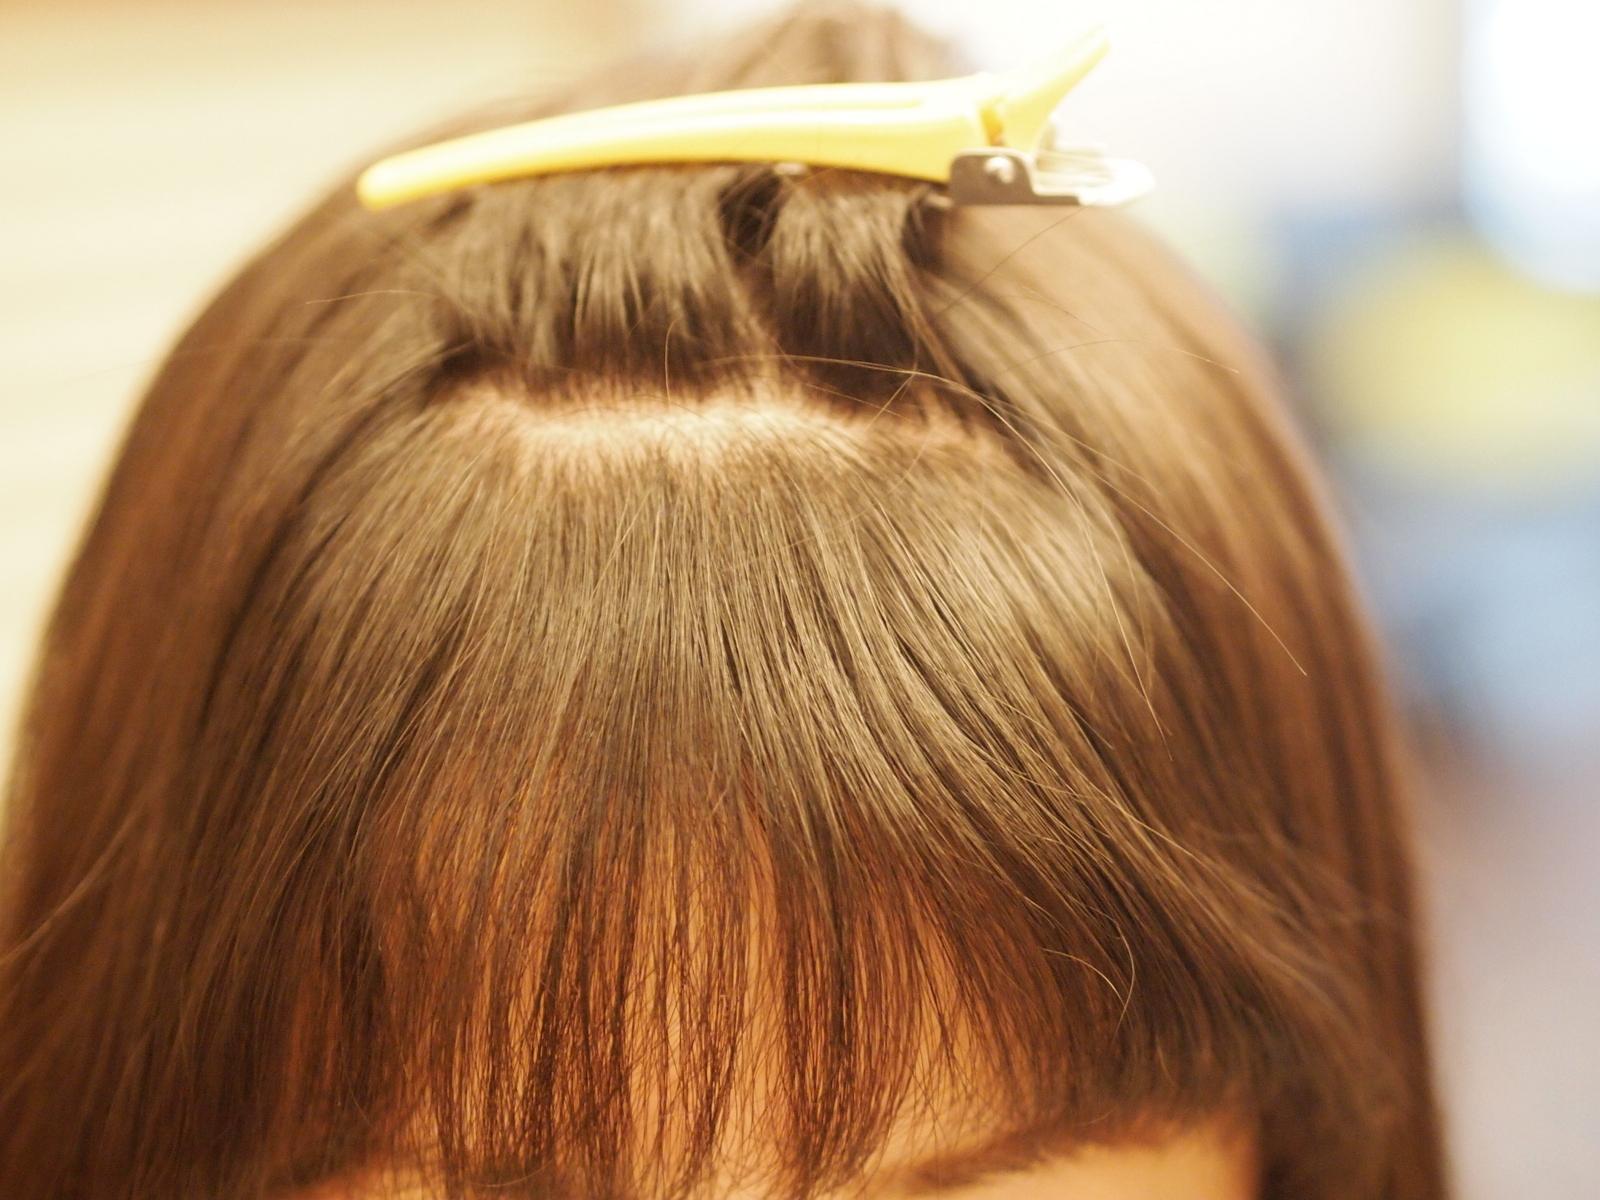 前髪の横がハネやすい!⇒ポイントストレート![人気記事]